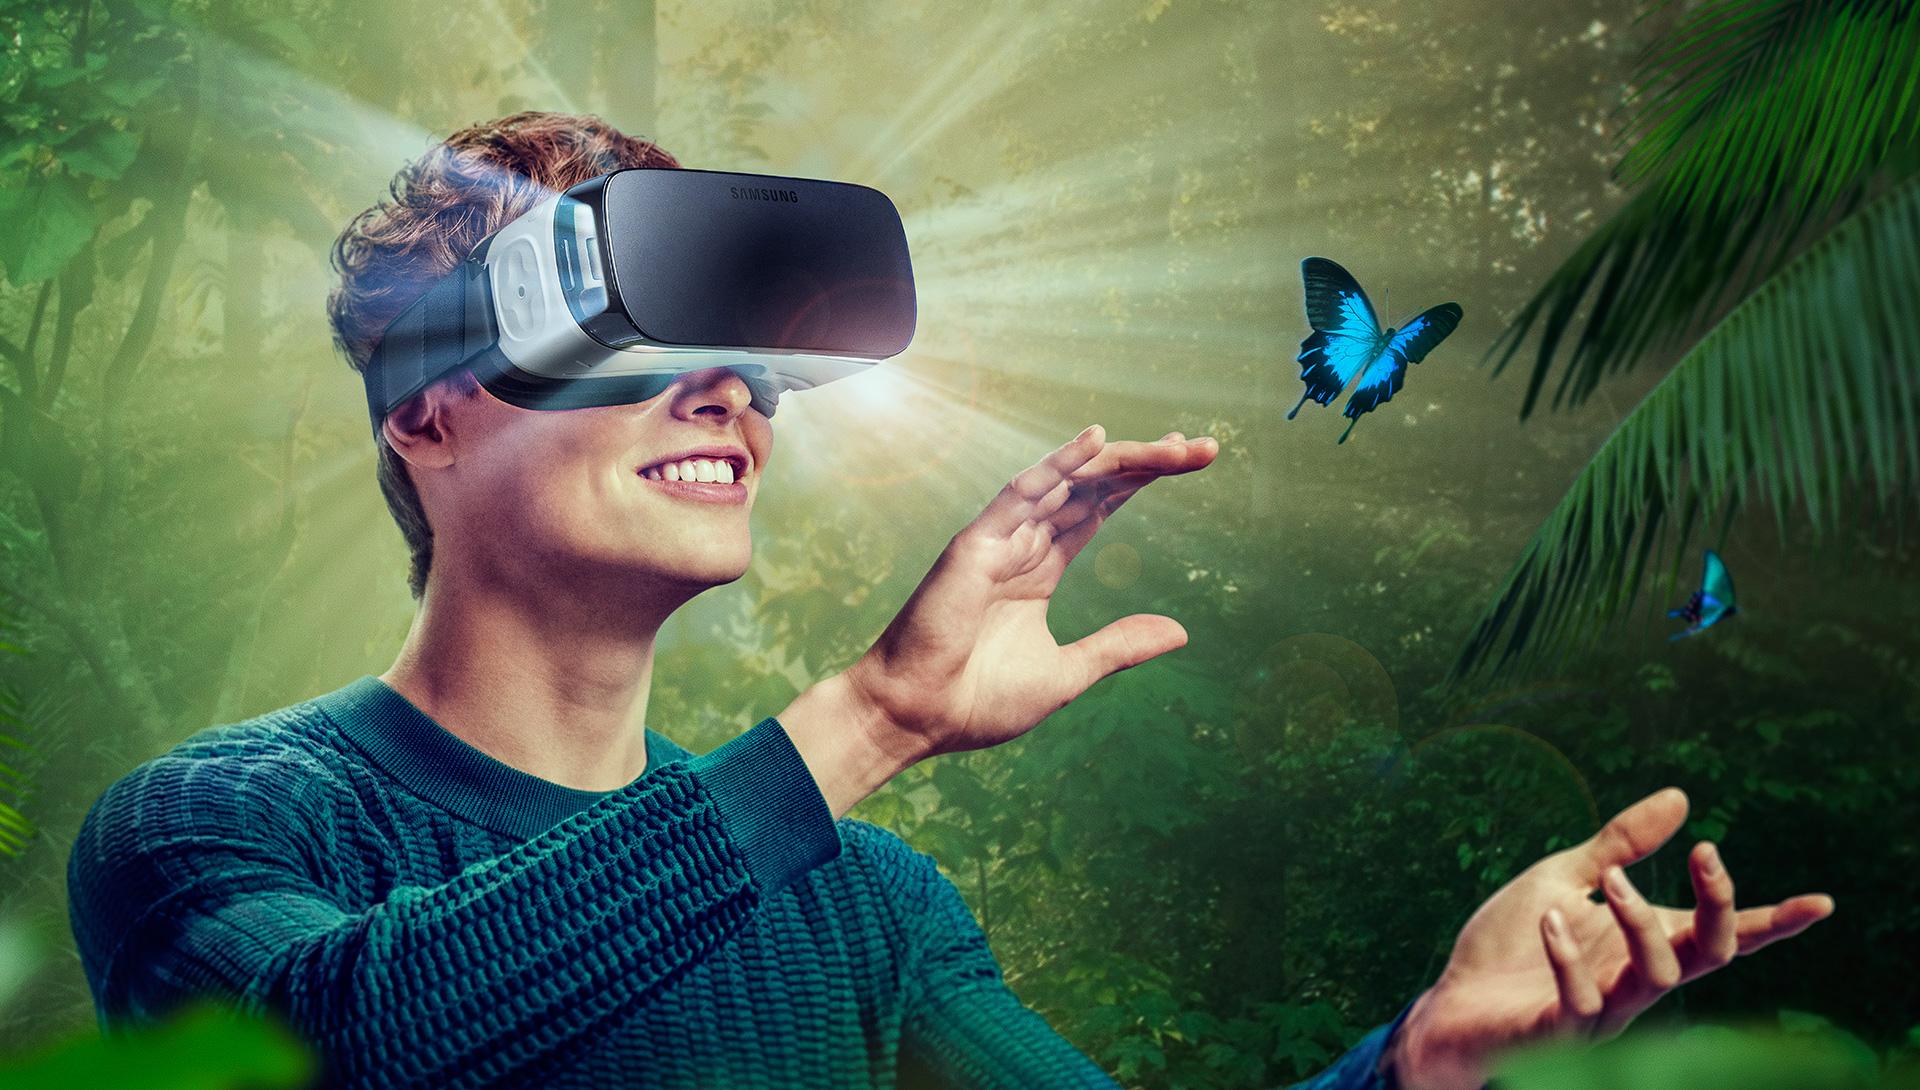 宏達電:VR將取代電腦手機 開啟新世代